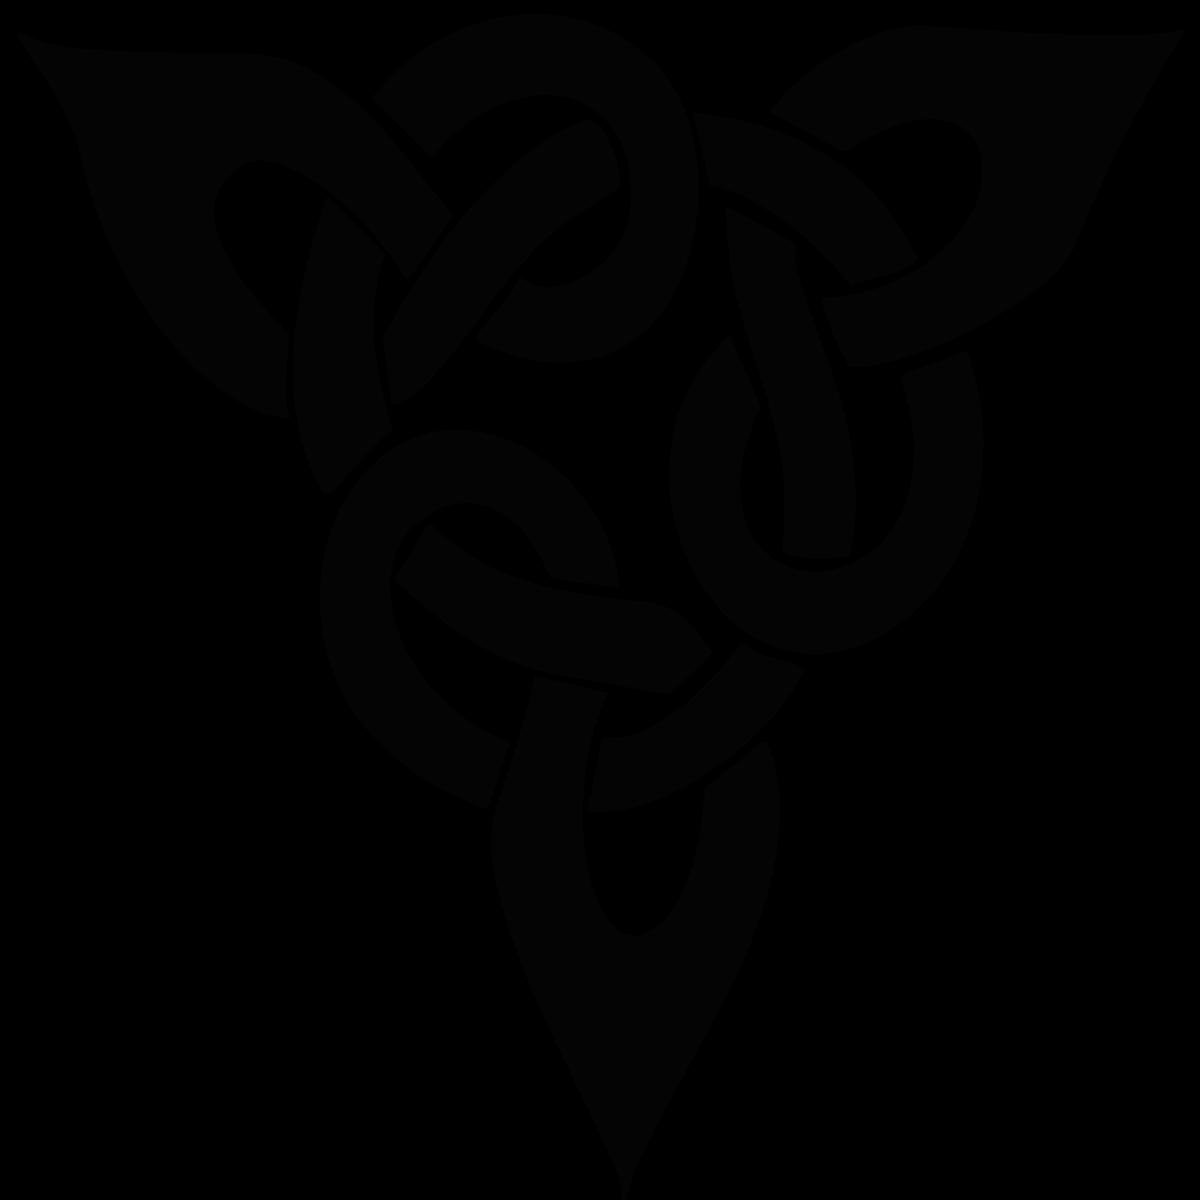 кельтский рисунок картинки страной мире